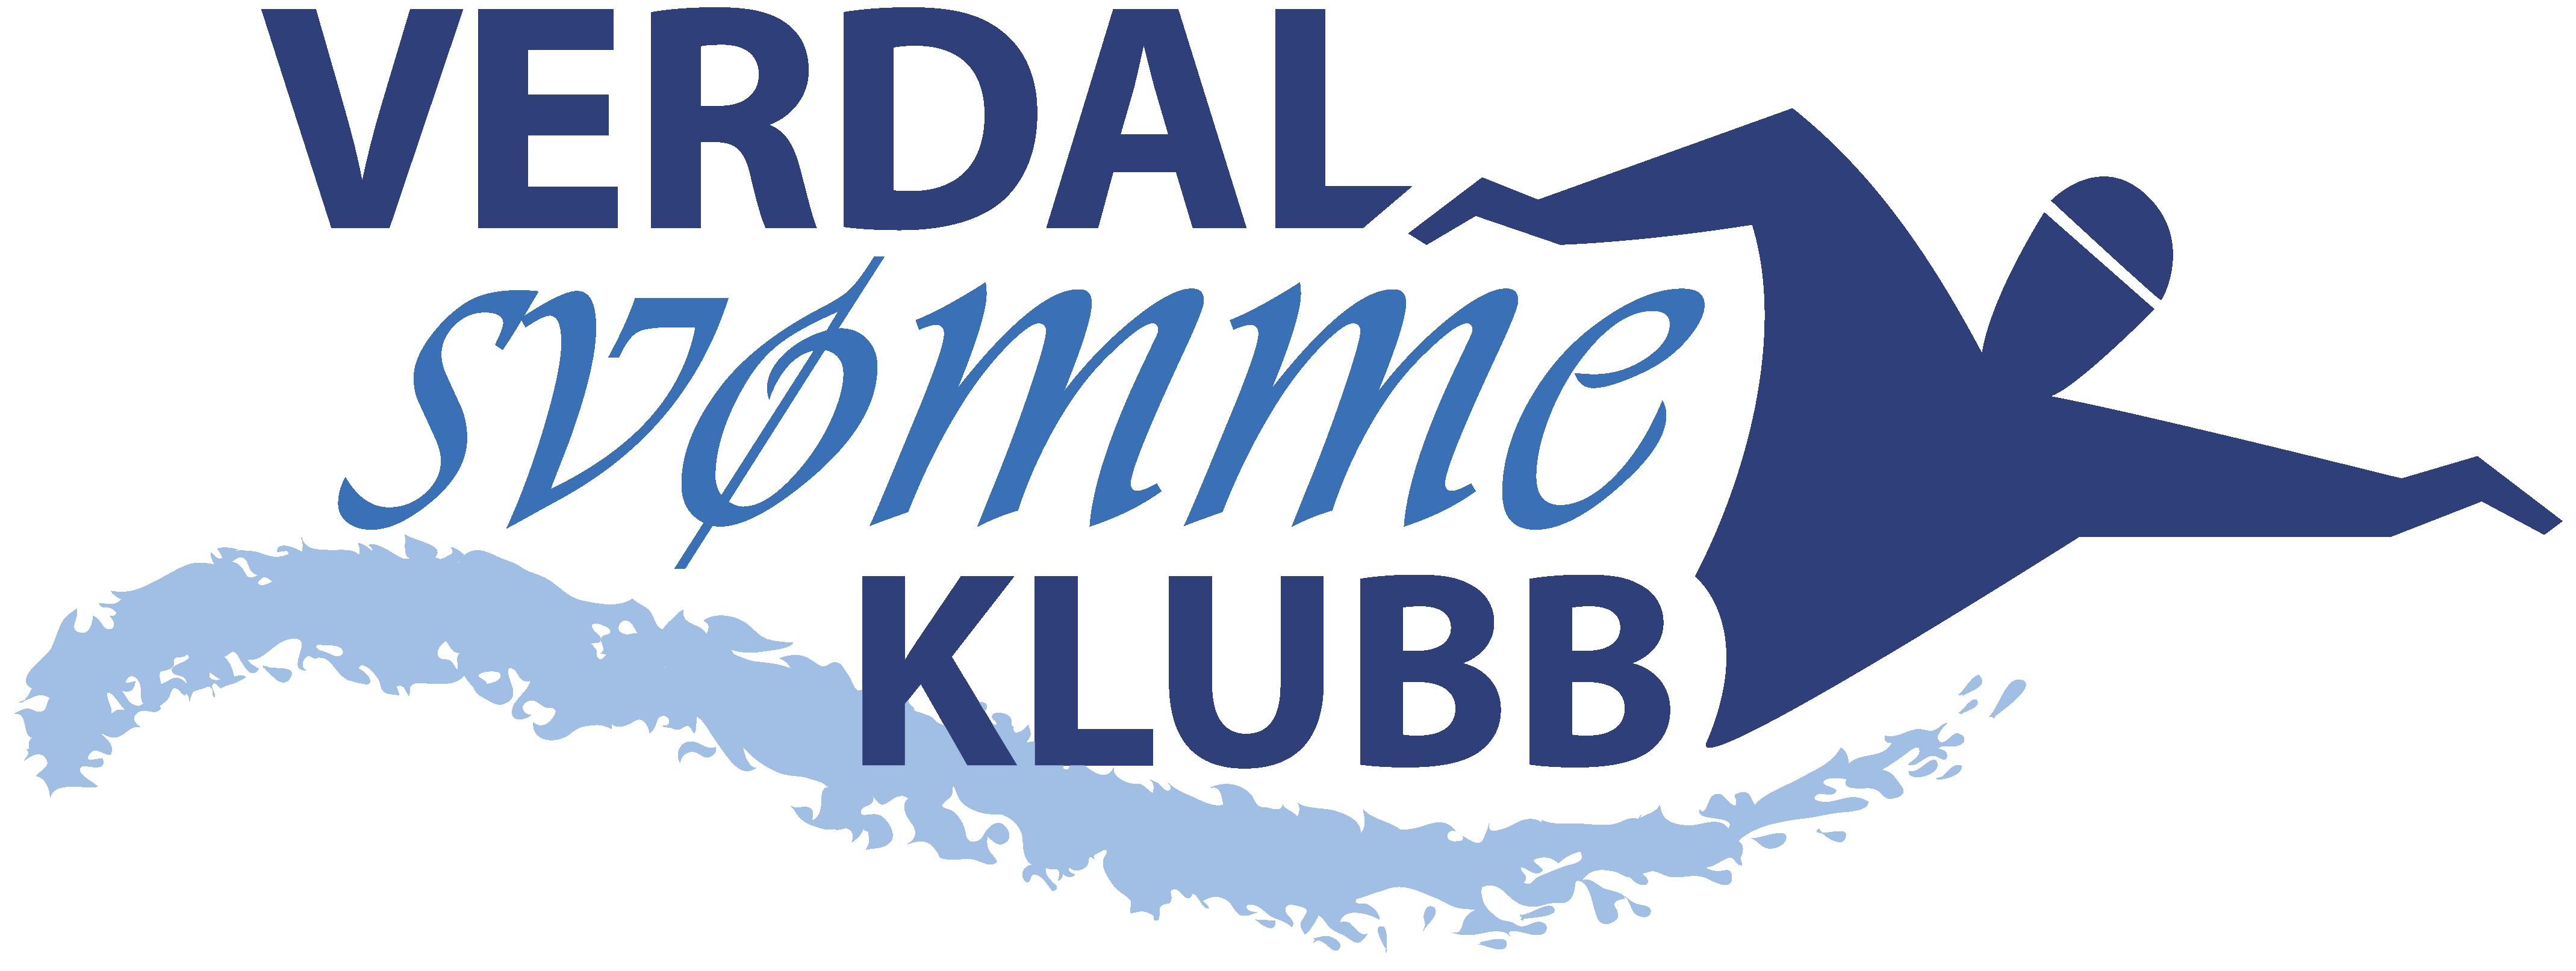 Verdal svømmeklubb